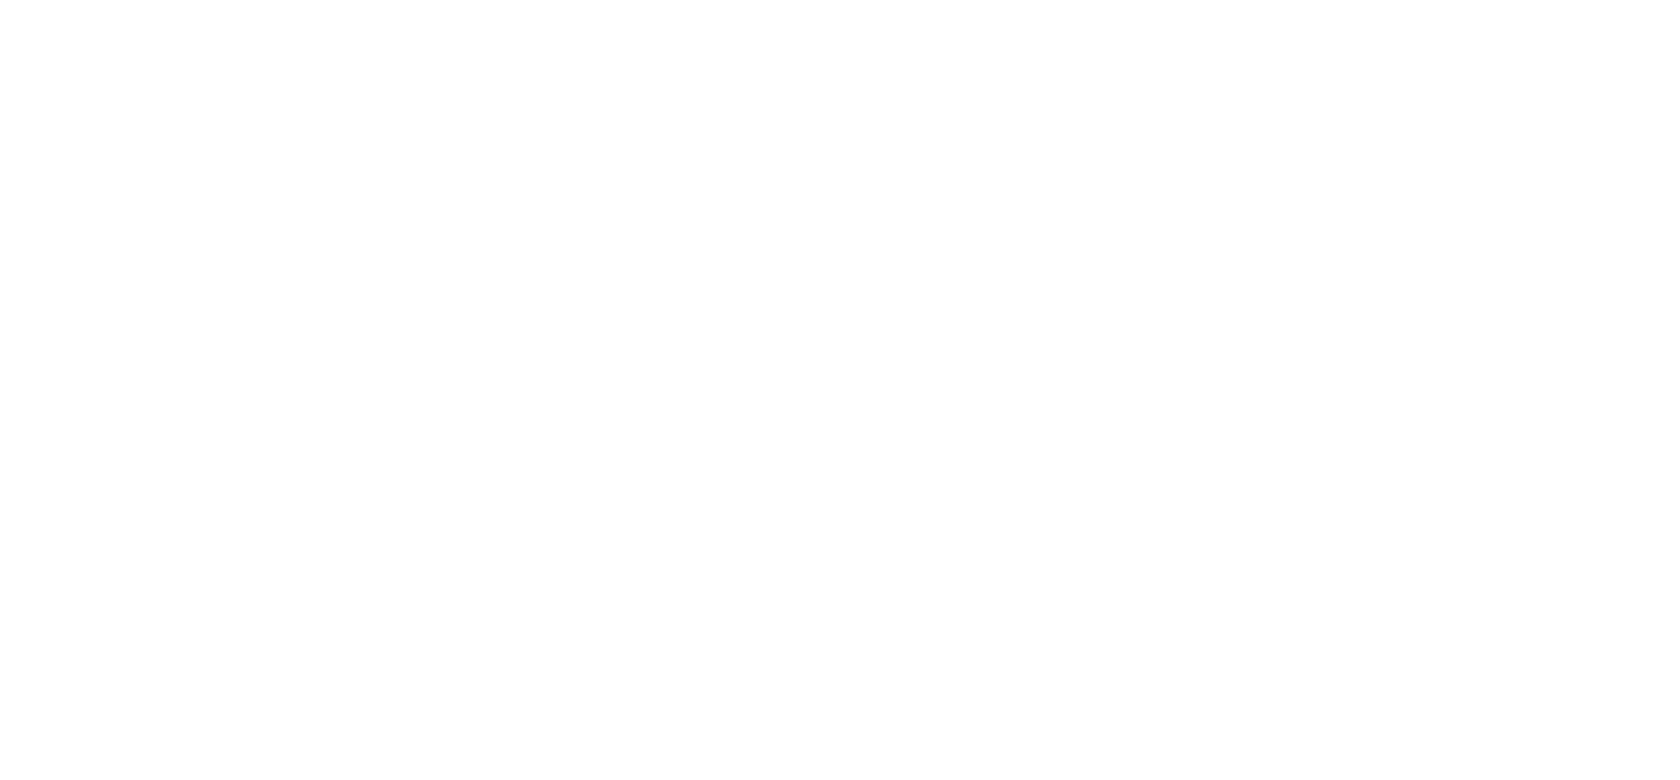 TOM CLARK MASSAGE